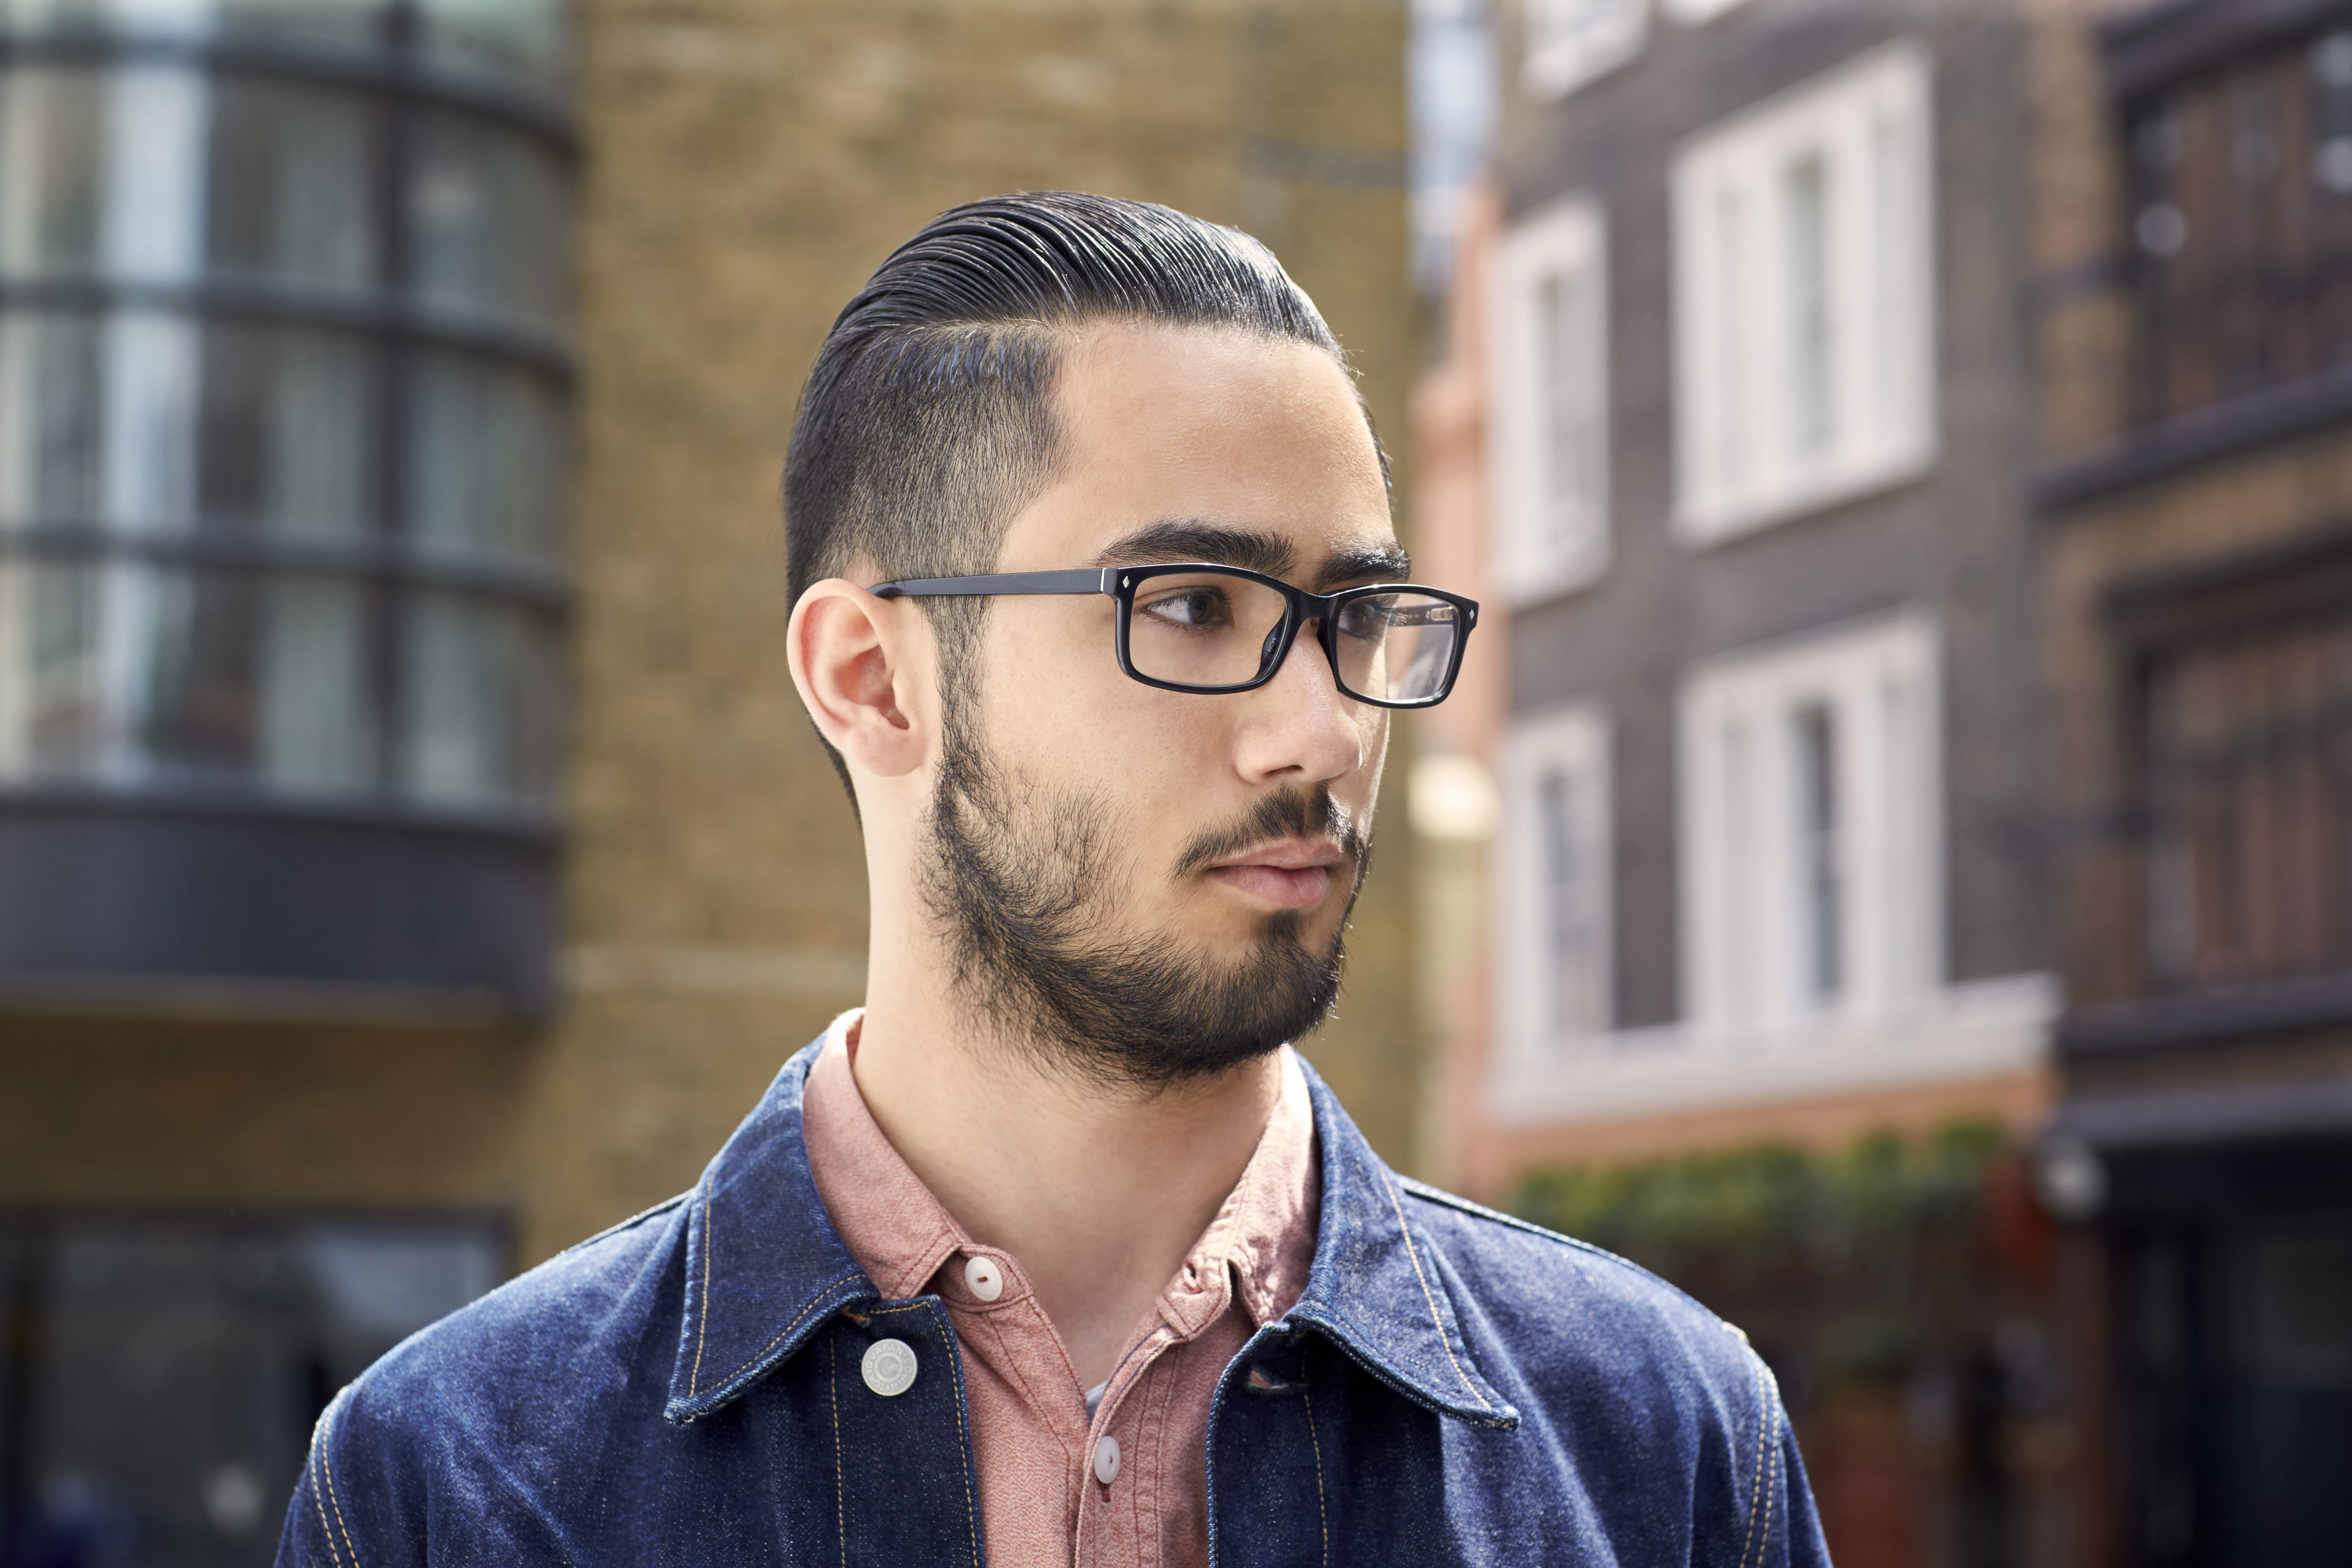 homme asiatique avec cheveux foncés sous-coupés